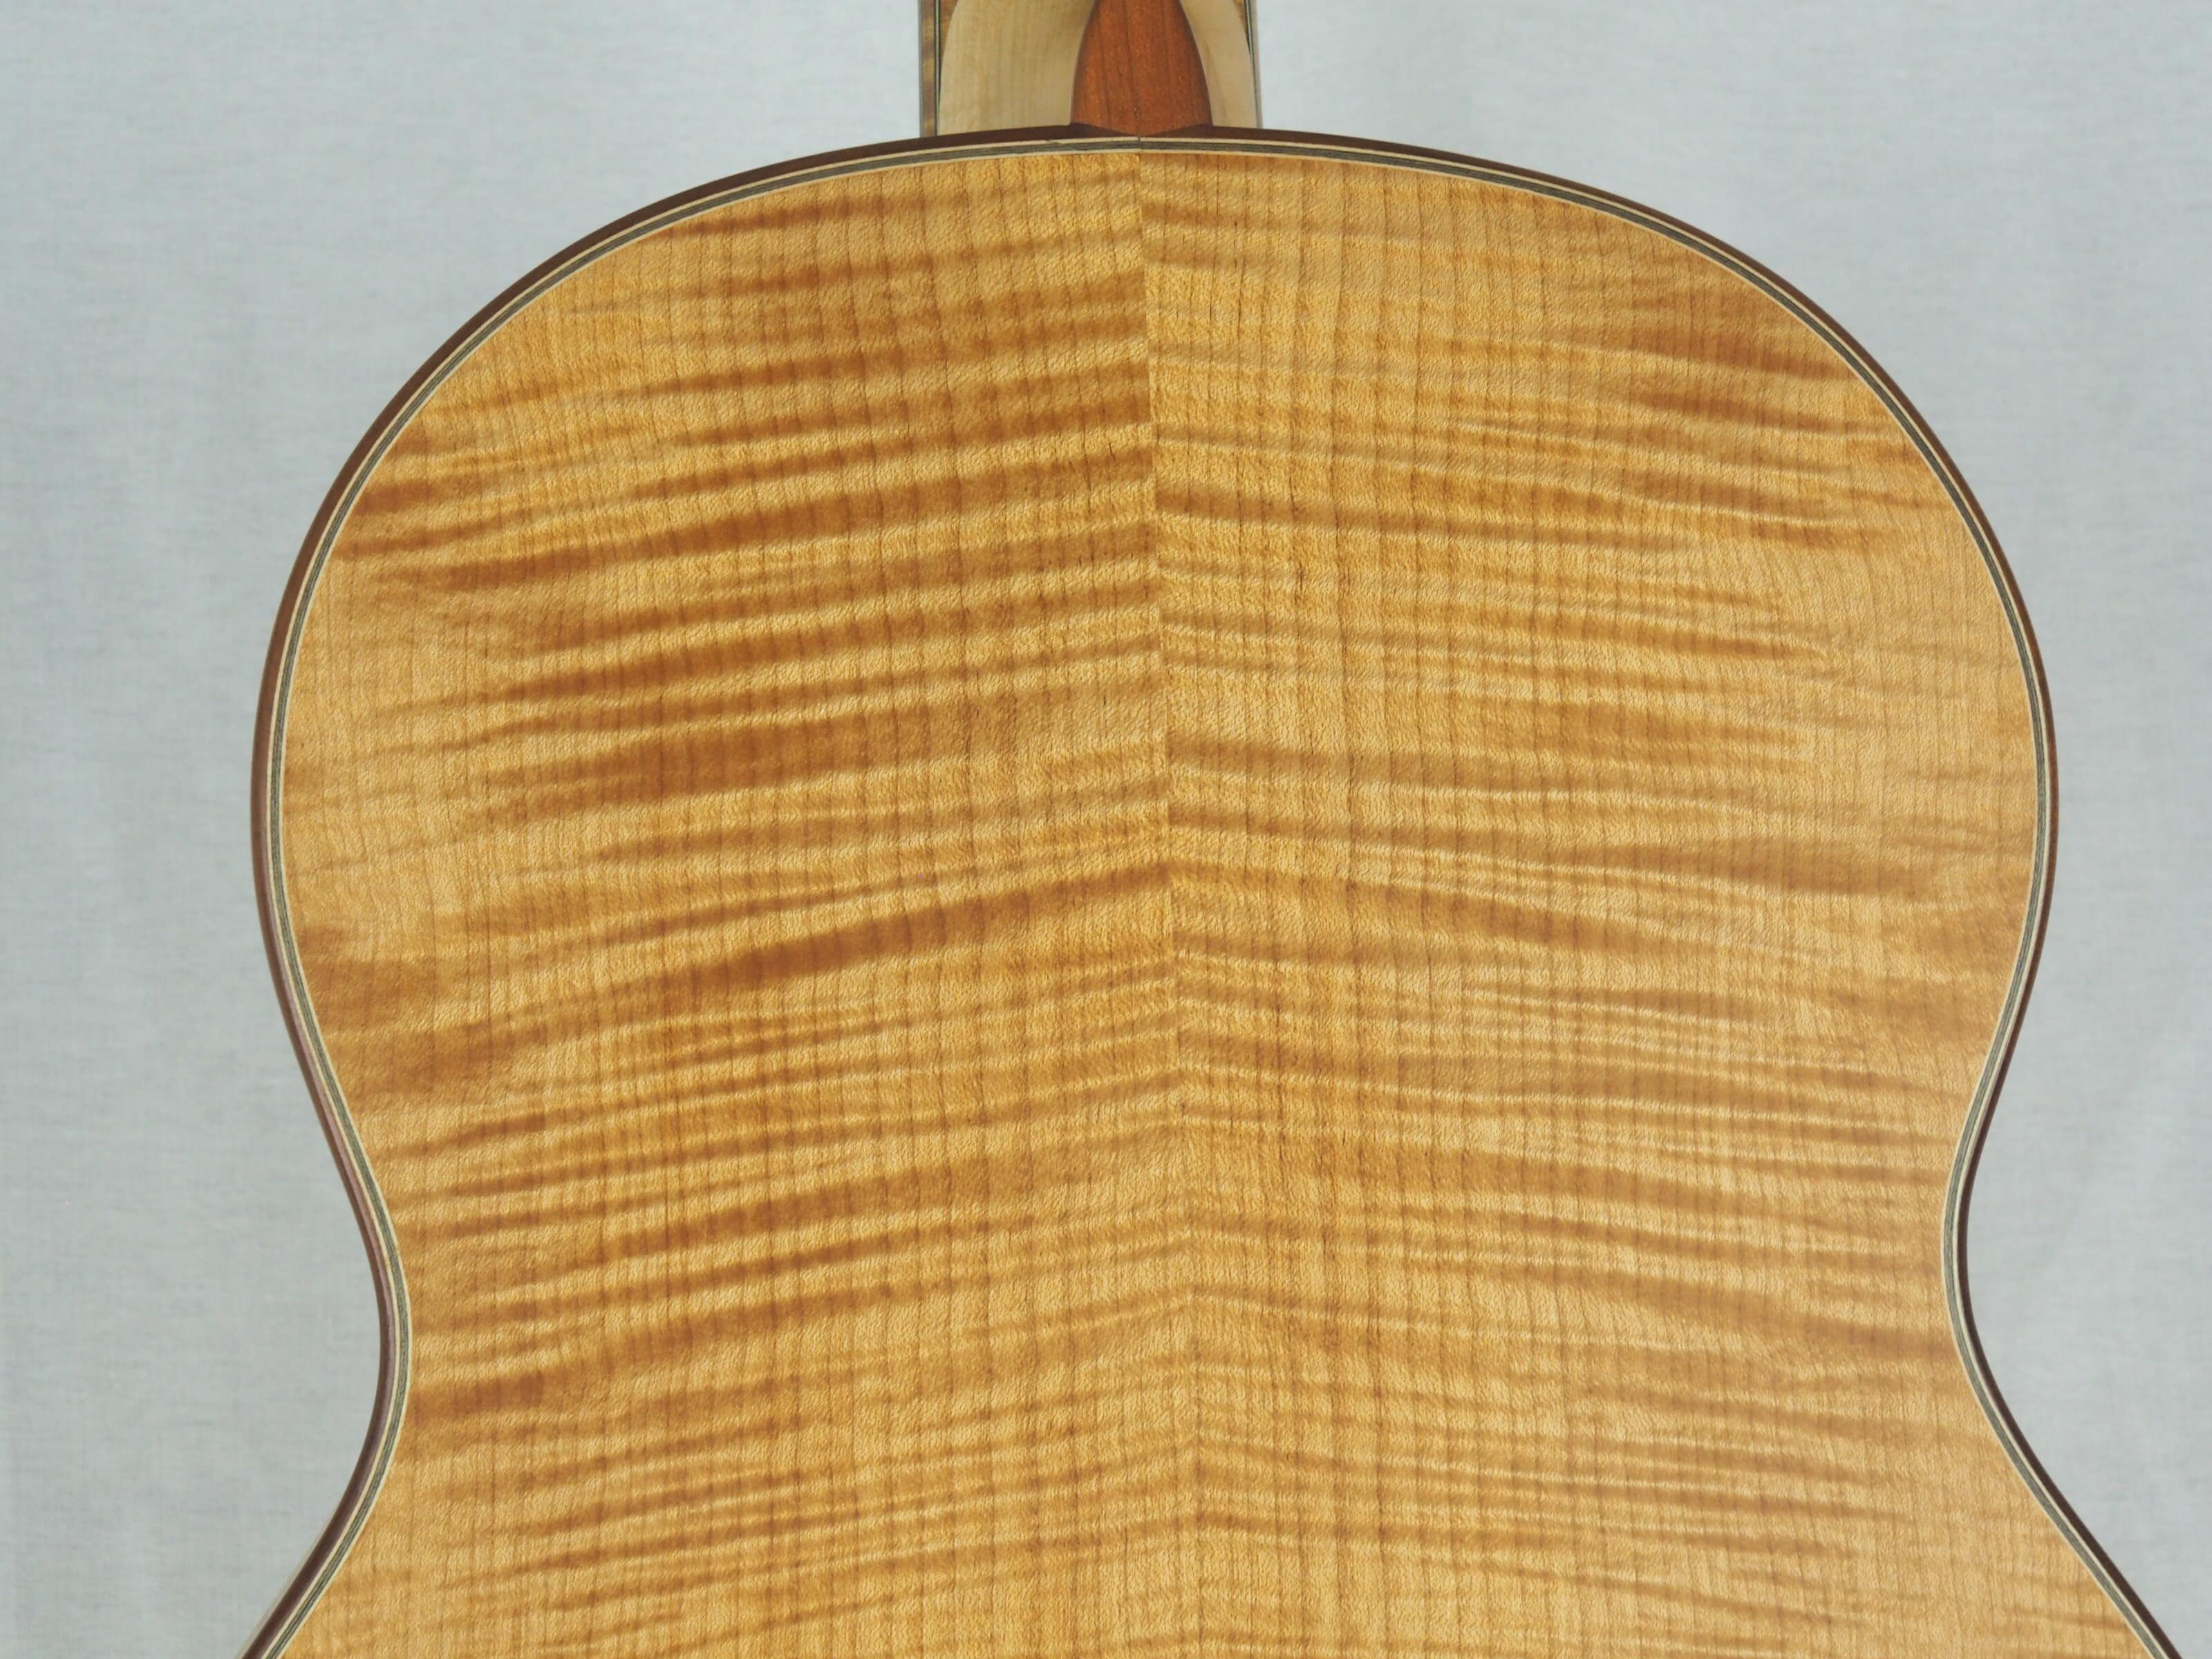 Dieter Hopf Luthier guitare classique Auditorium No 19HP070-02